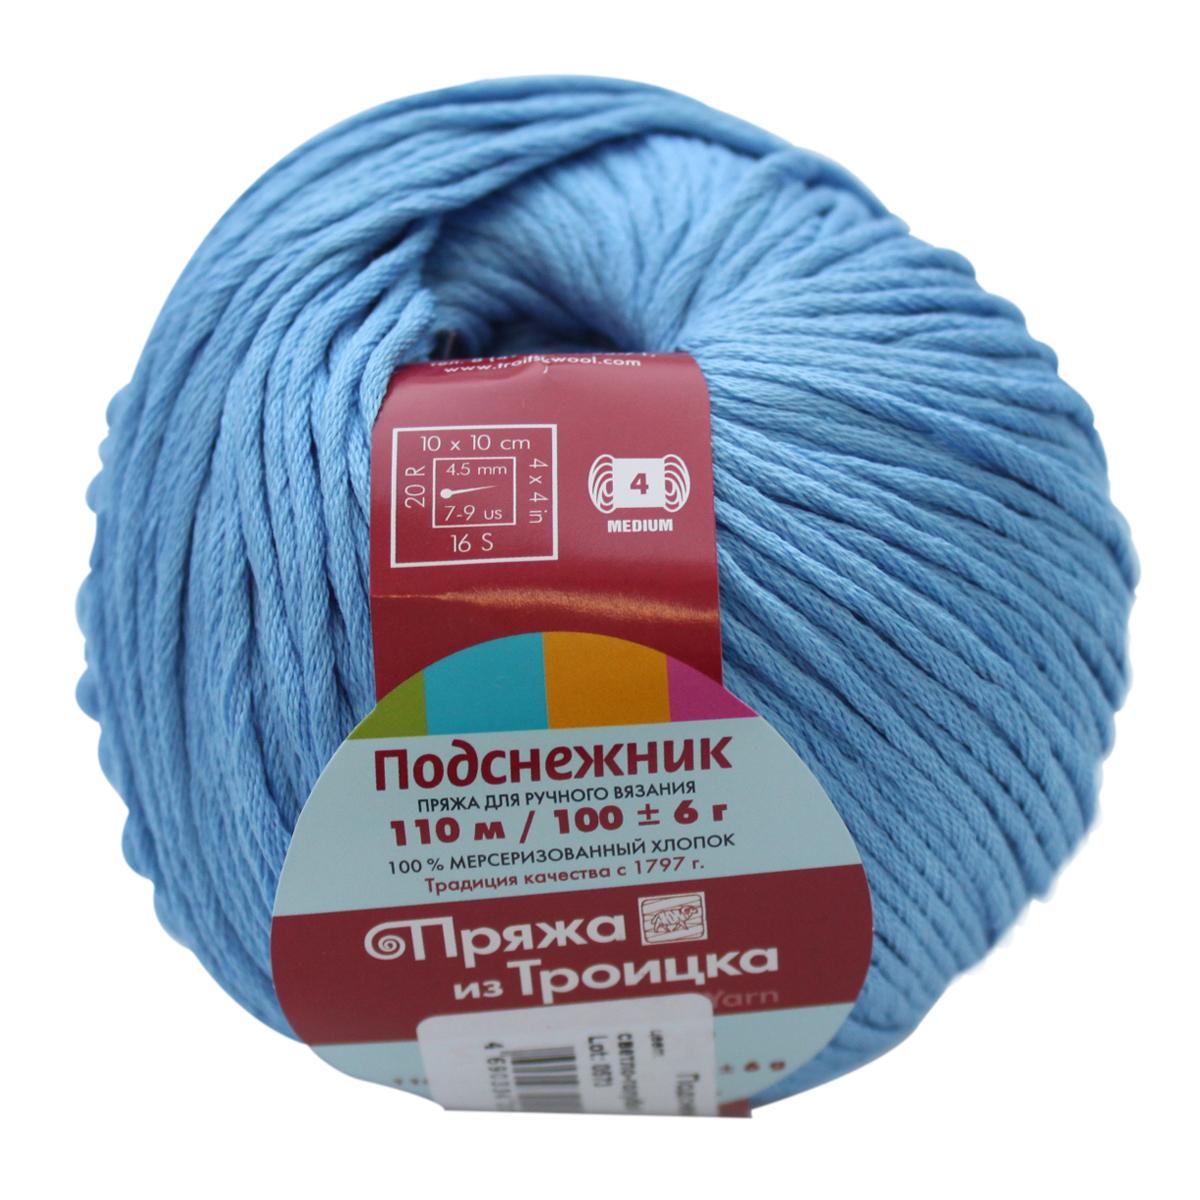 Пряжа для вязания Подснежник, 100 г, 110 м, цвет: 0305 светло-голубой, 10 шт366132_0305